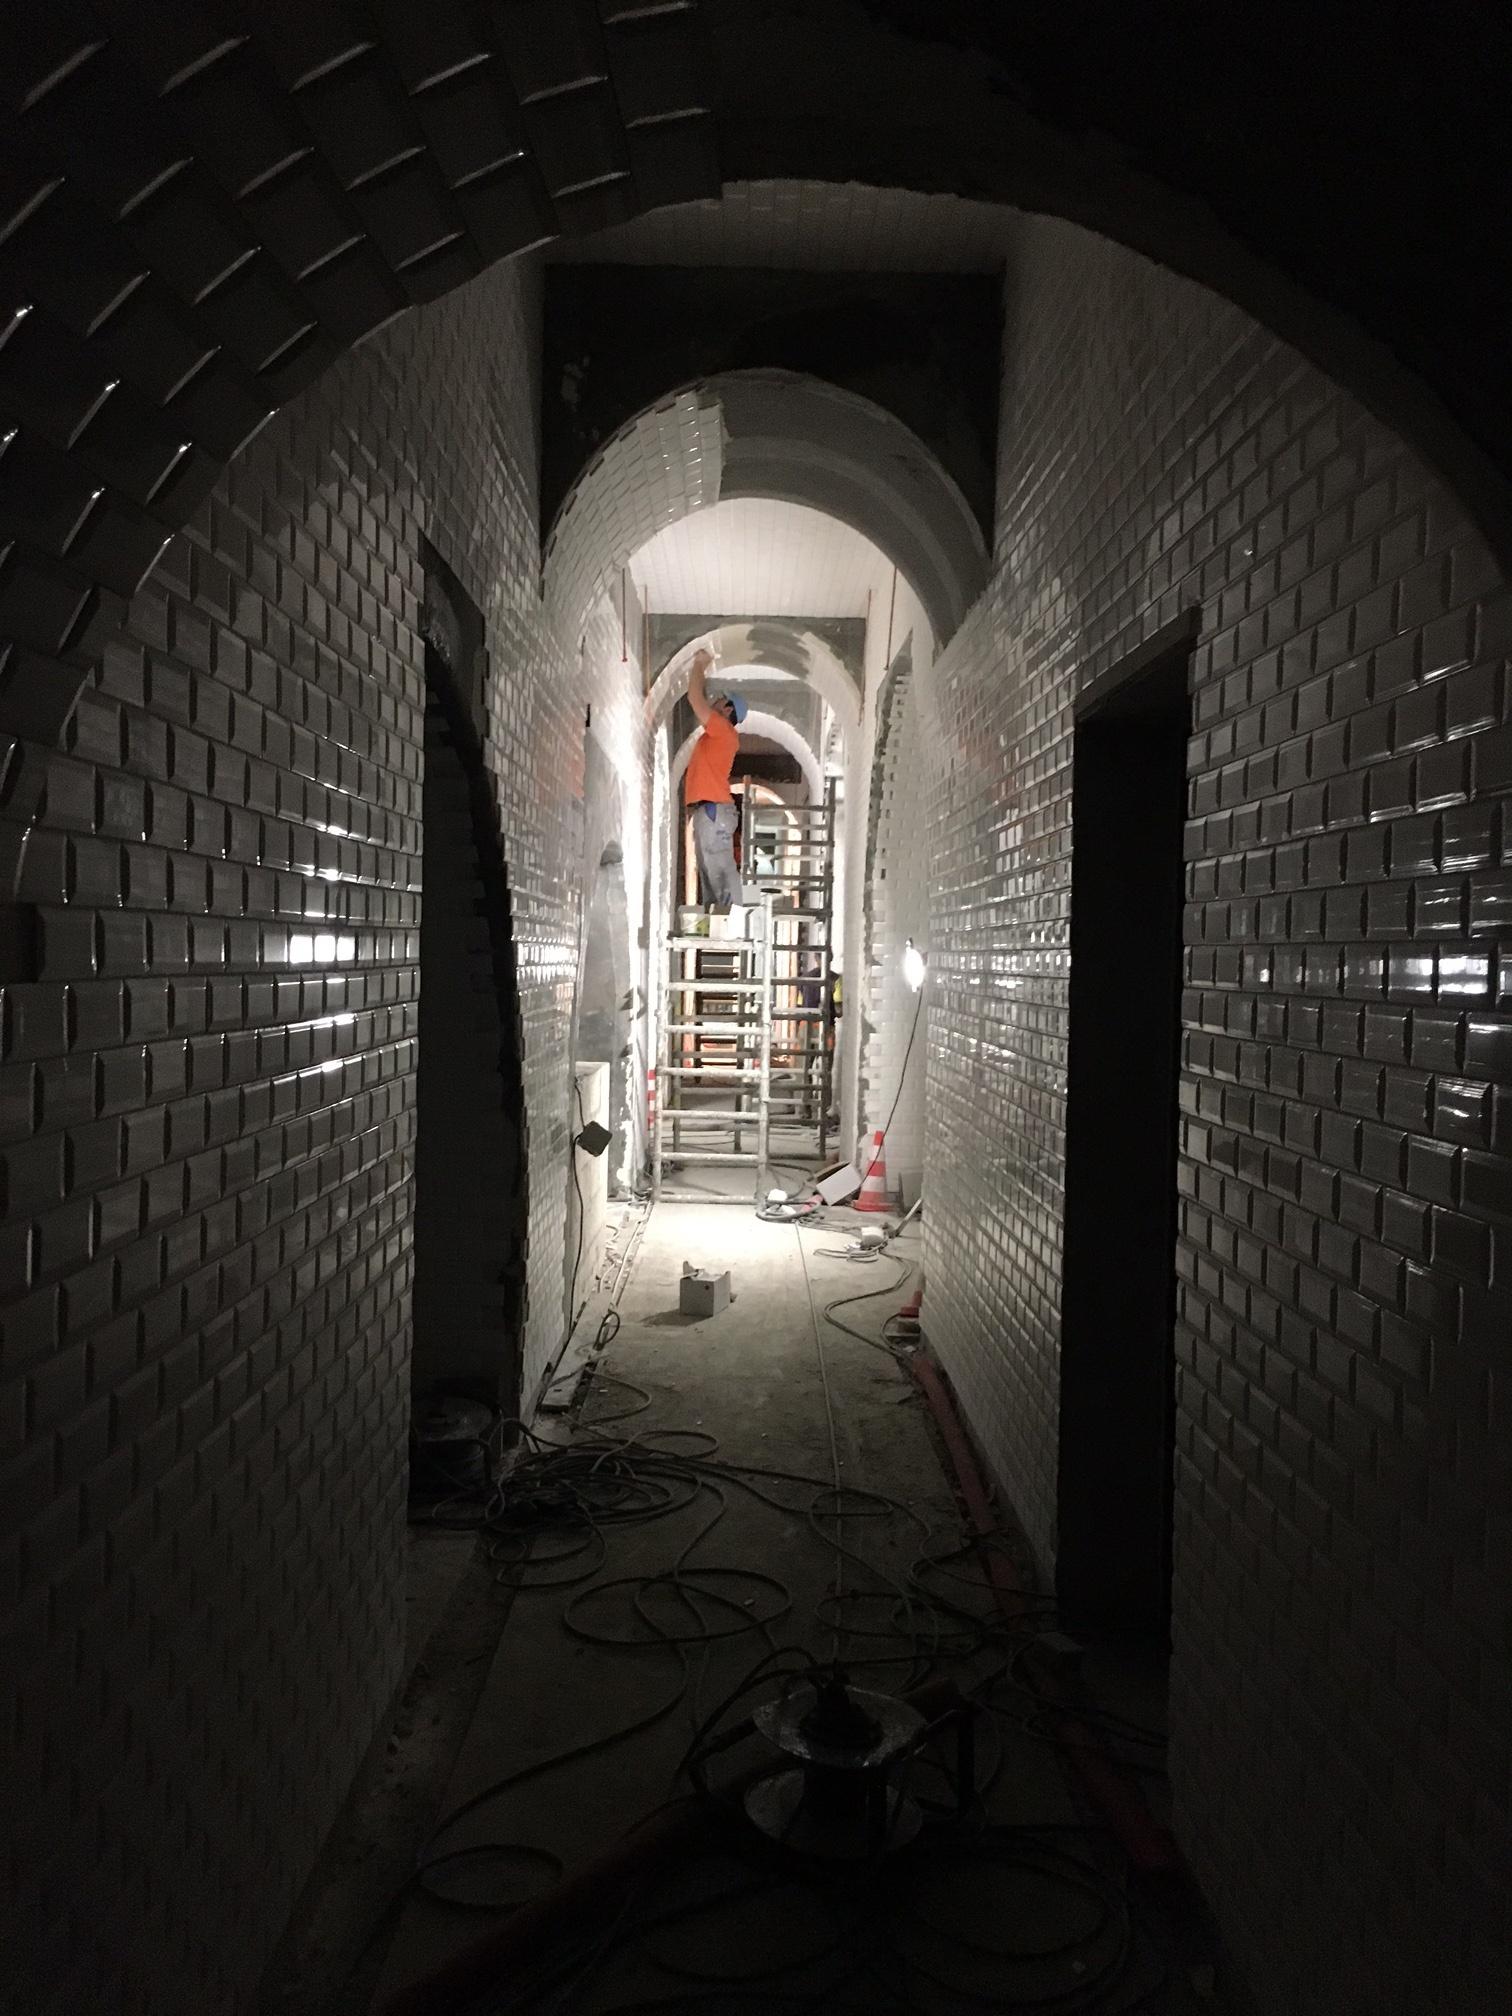 Ядерный бункер в Париже переоборудуют в дата-центр компании online.net - 8